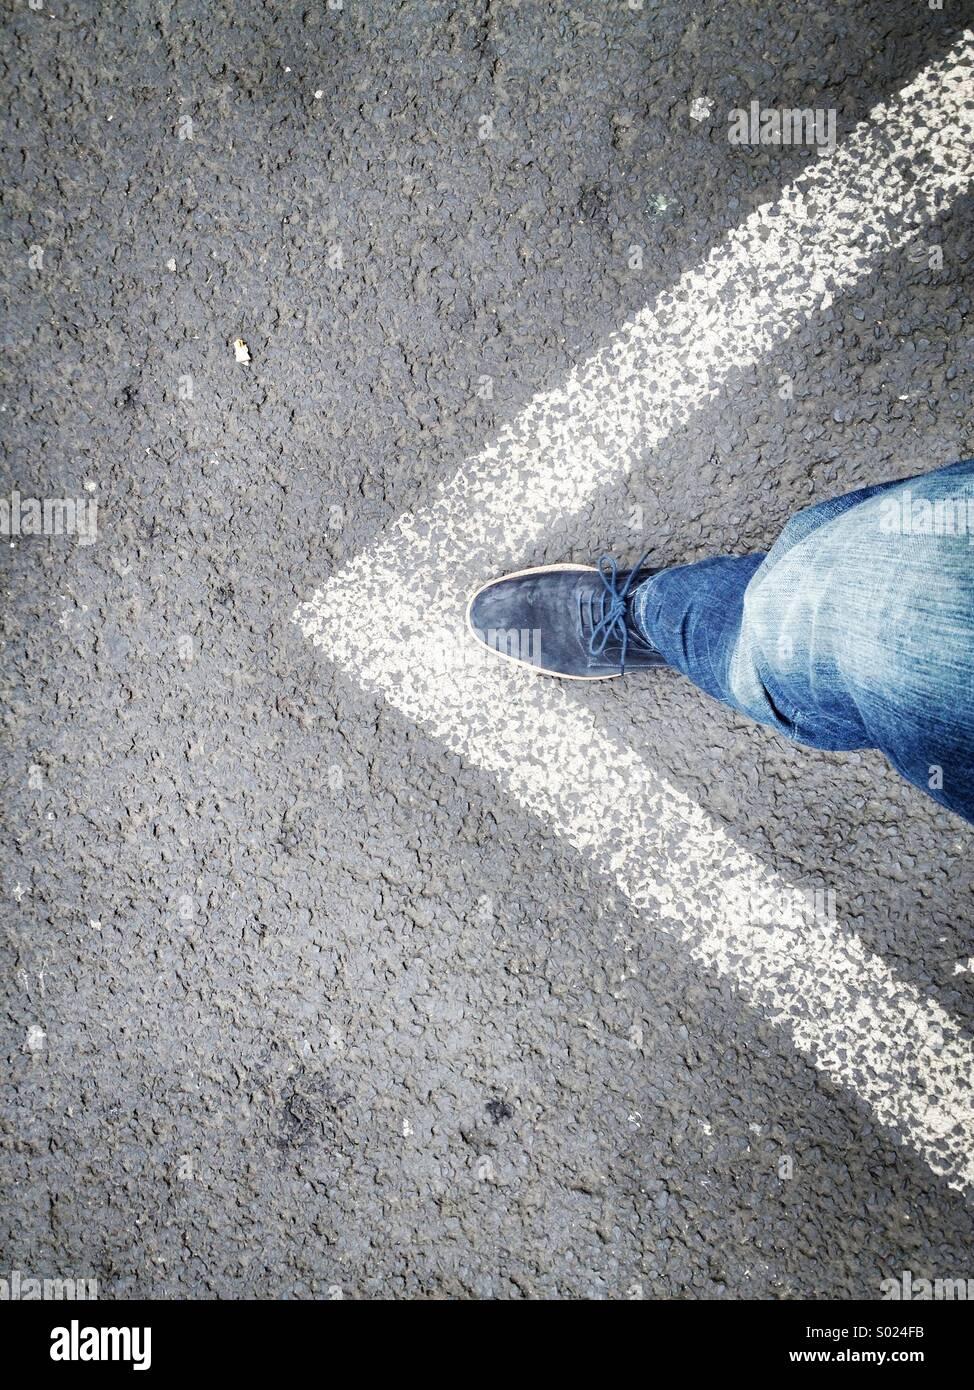 La création de flèche avec personne et marques de rue Photo Stock